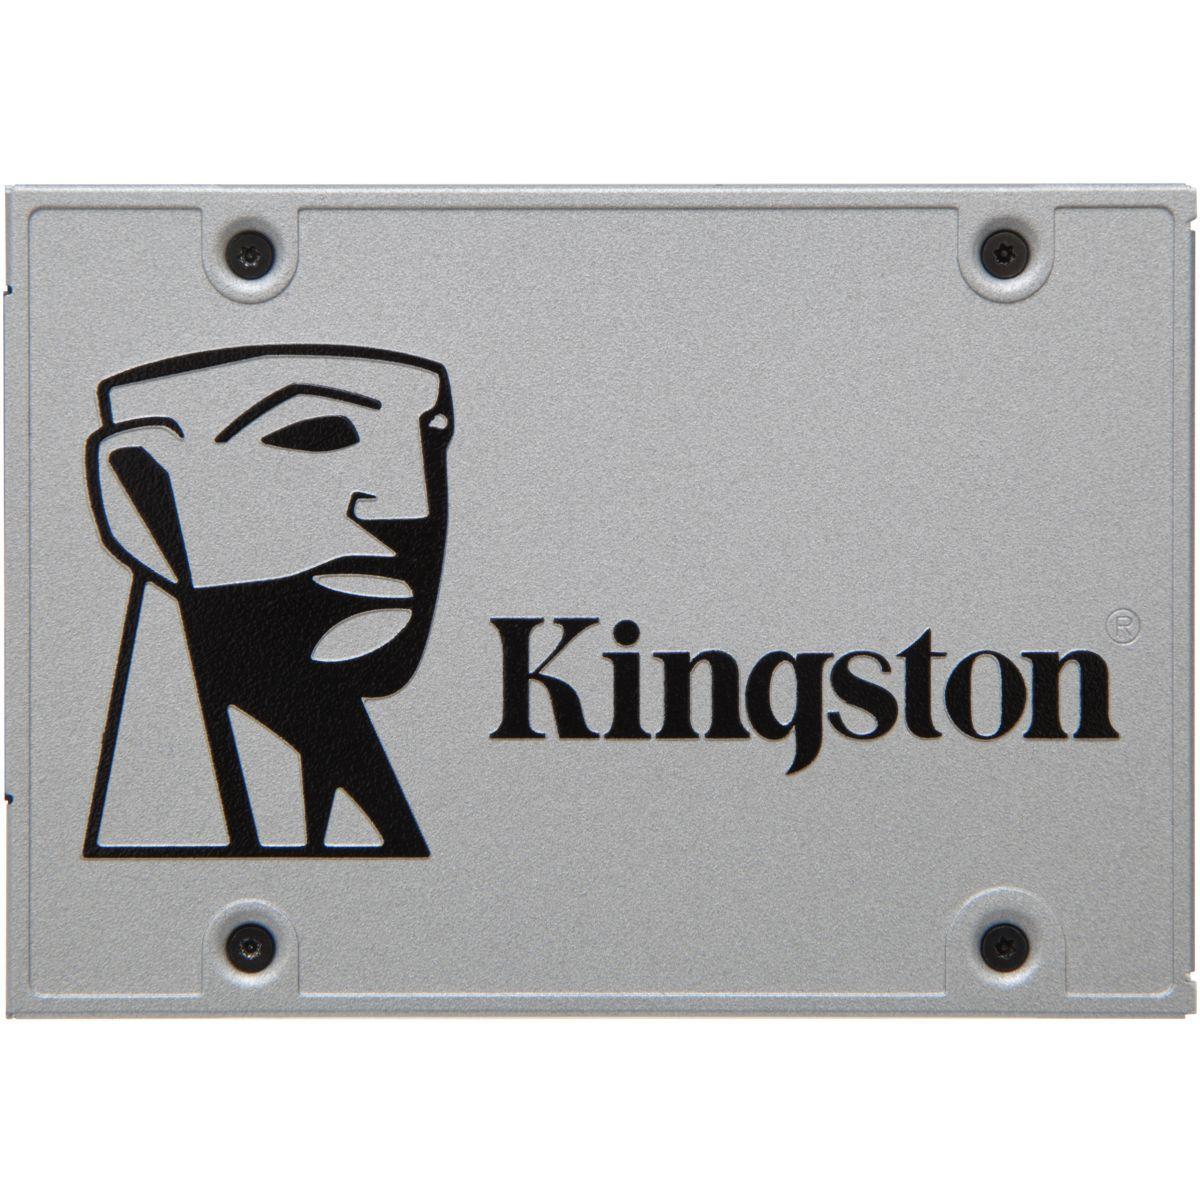 Disque ssd interne kingston ssd 240go - 2% de remise imm�diate avec le code : fete2